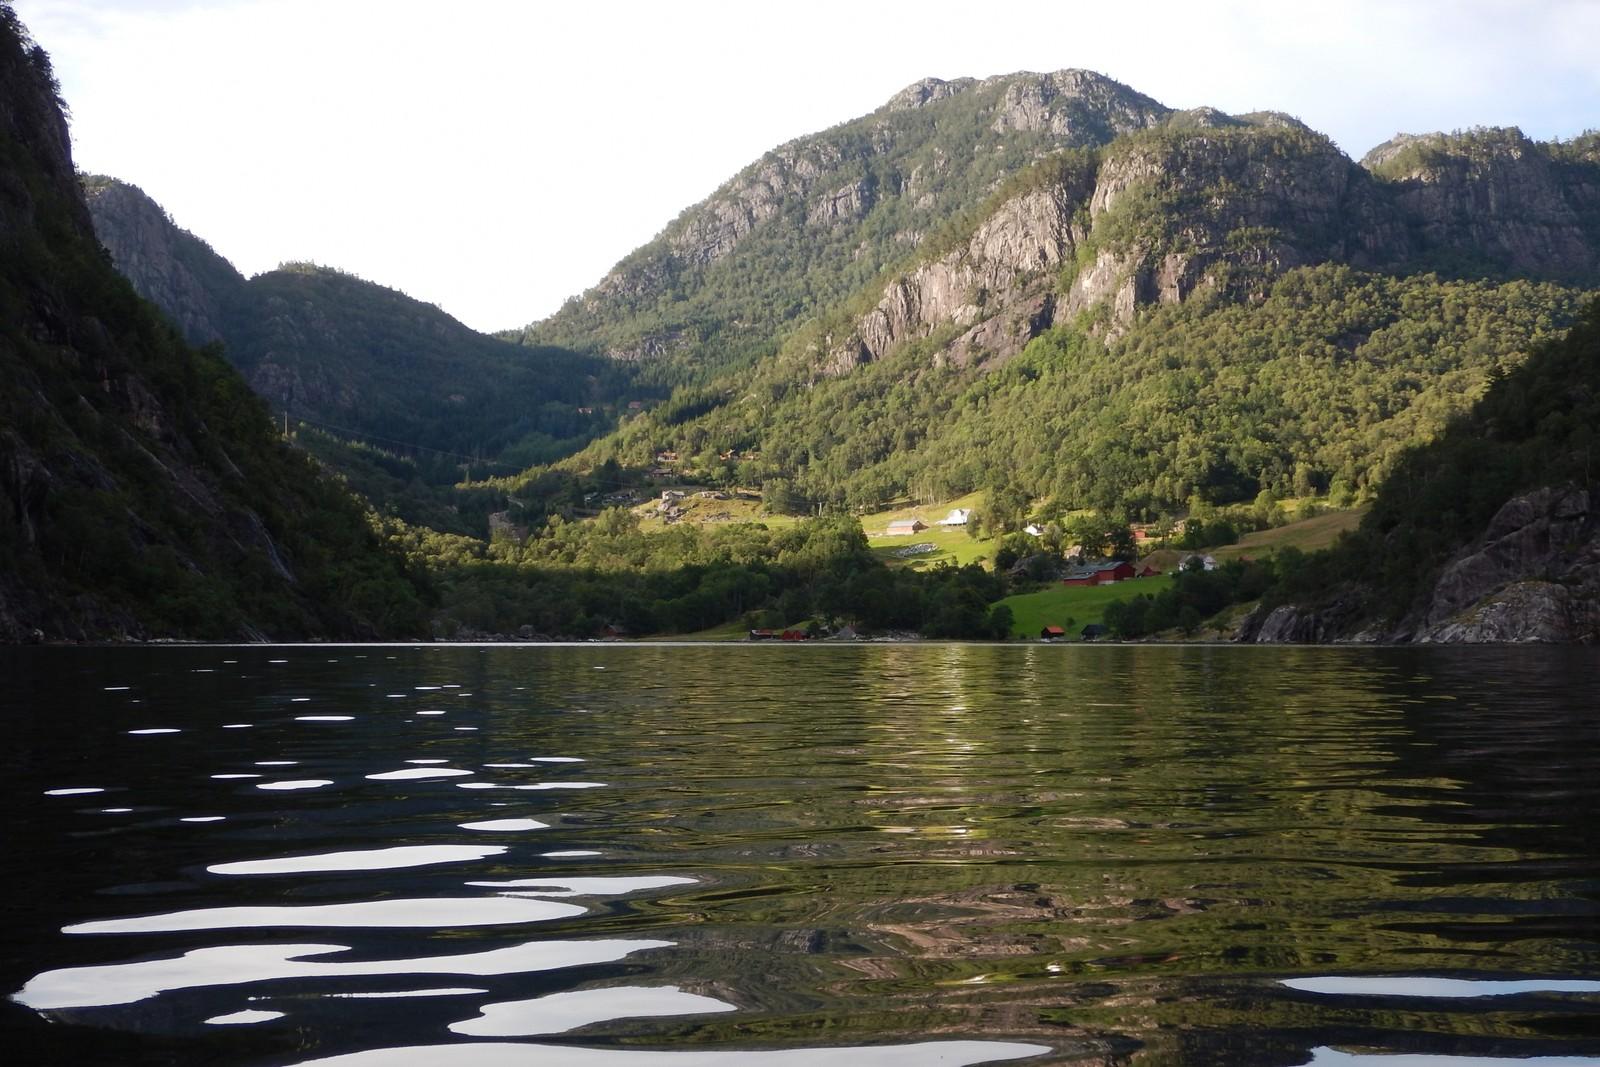 Tyssebotn i Suldal kommune